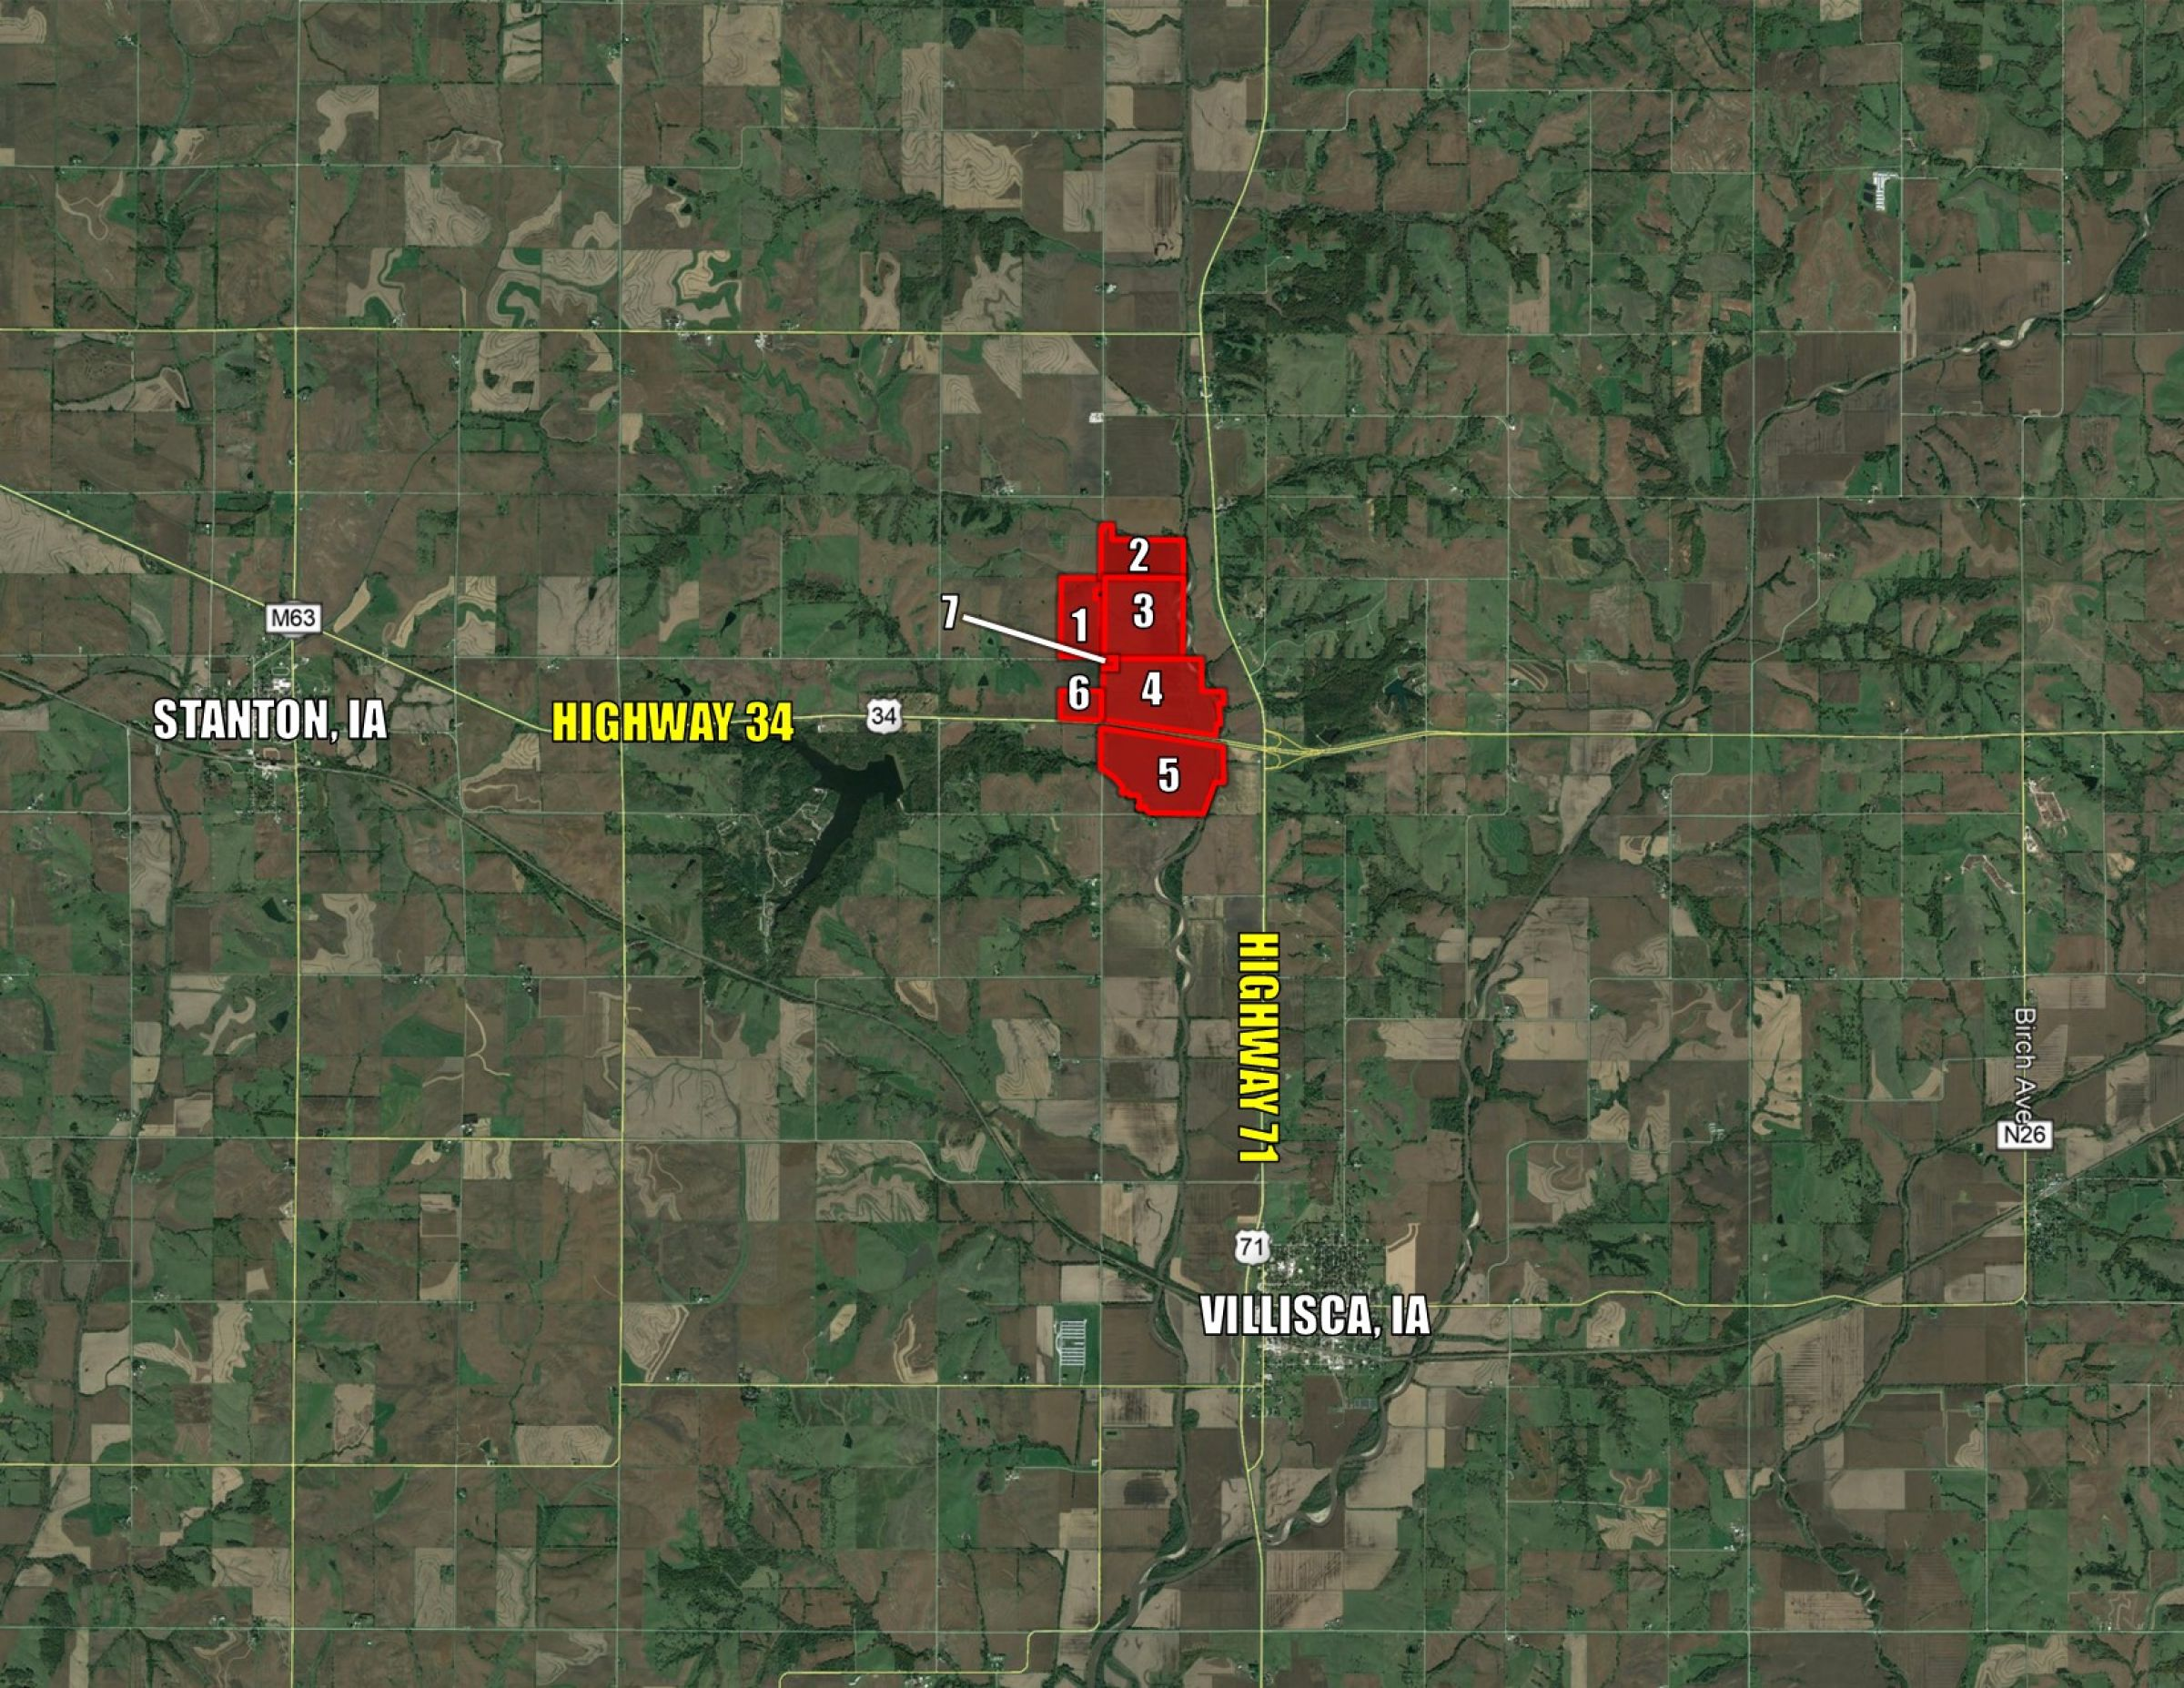 4-highway-34-t-avenue-villisca-50864-0-2021-09-14-201028.jpg